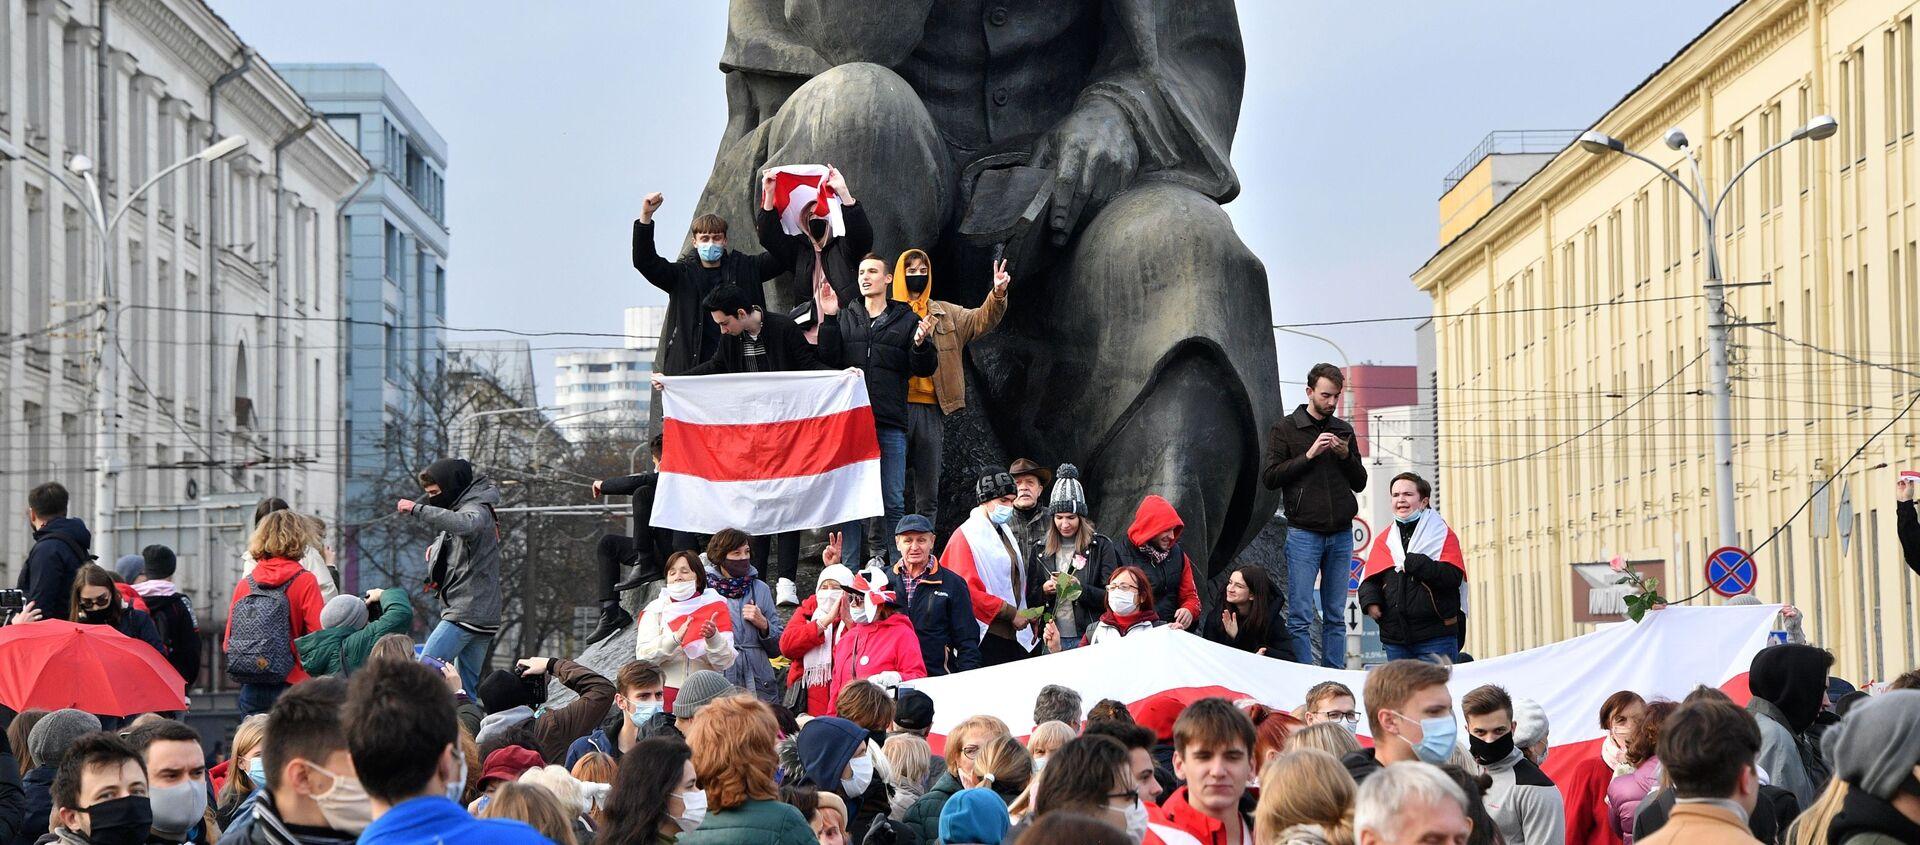 Protestas en Bielorrusia - Sputnik Mundo, 1920, 26.10.2020